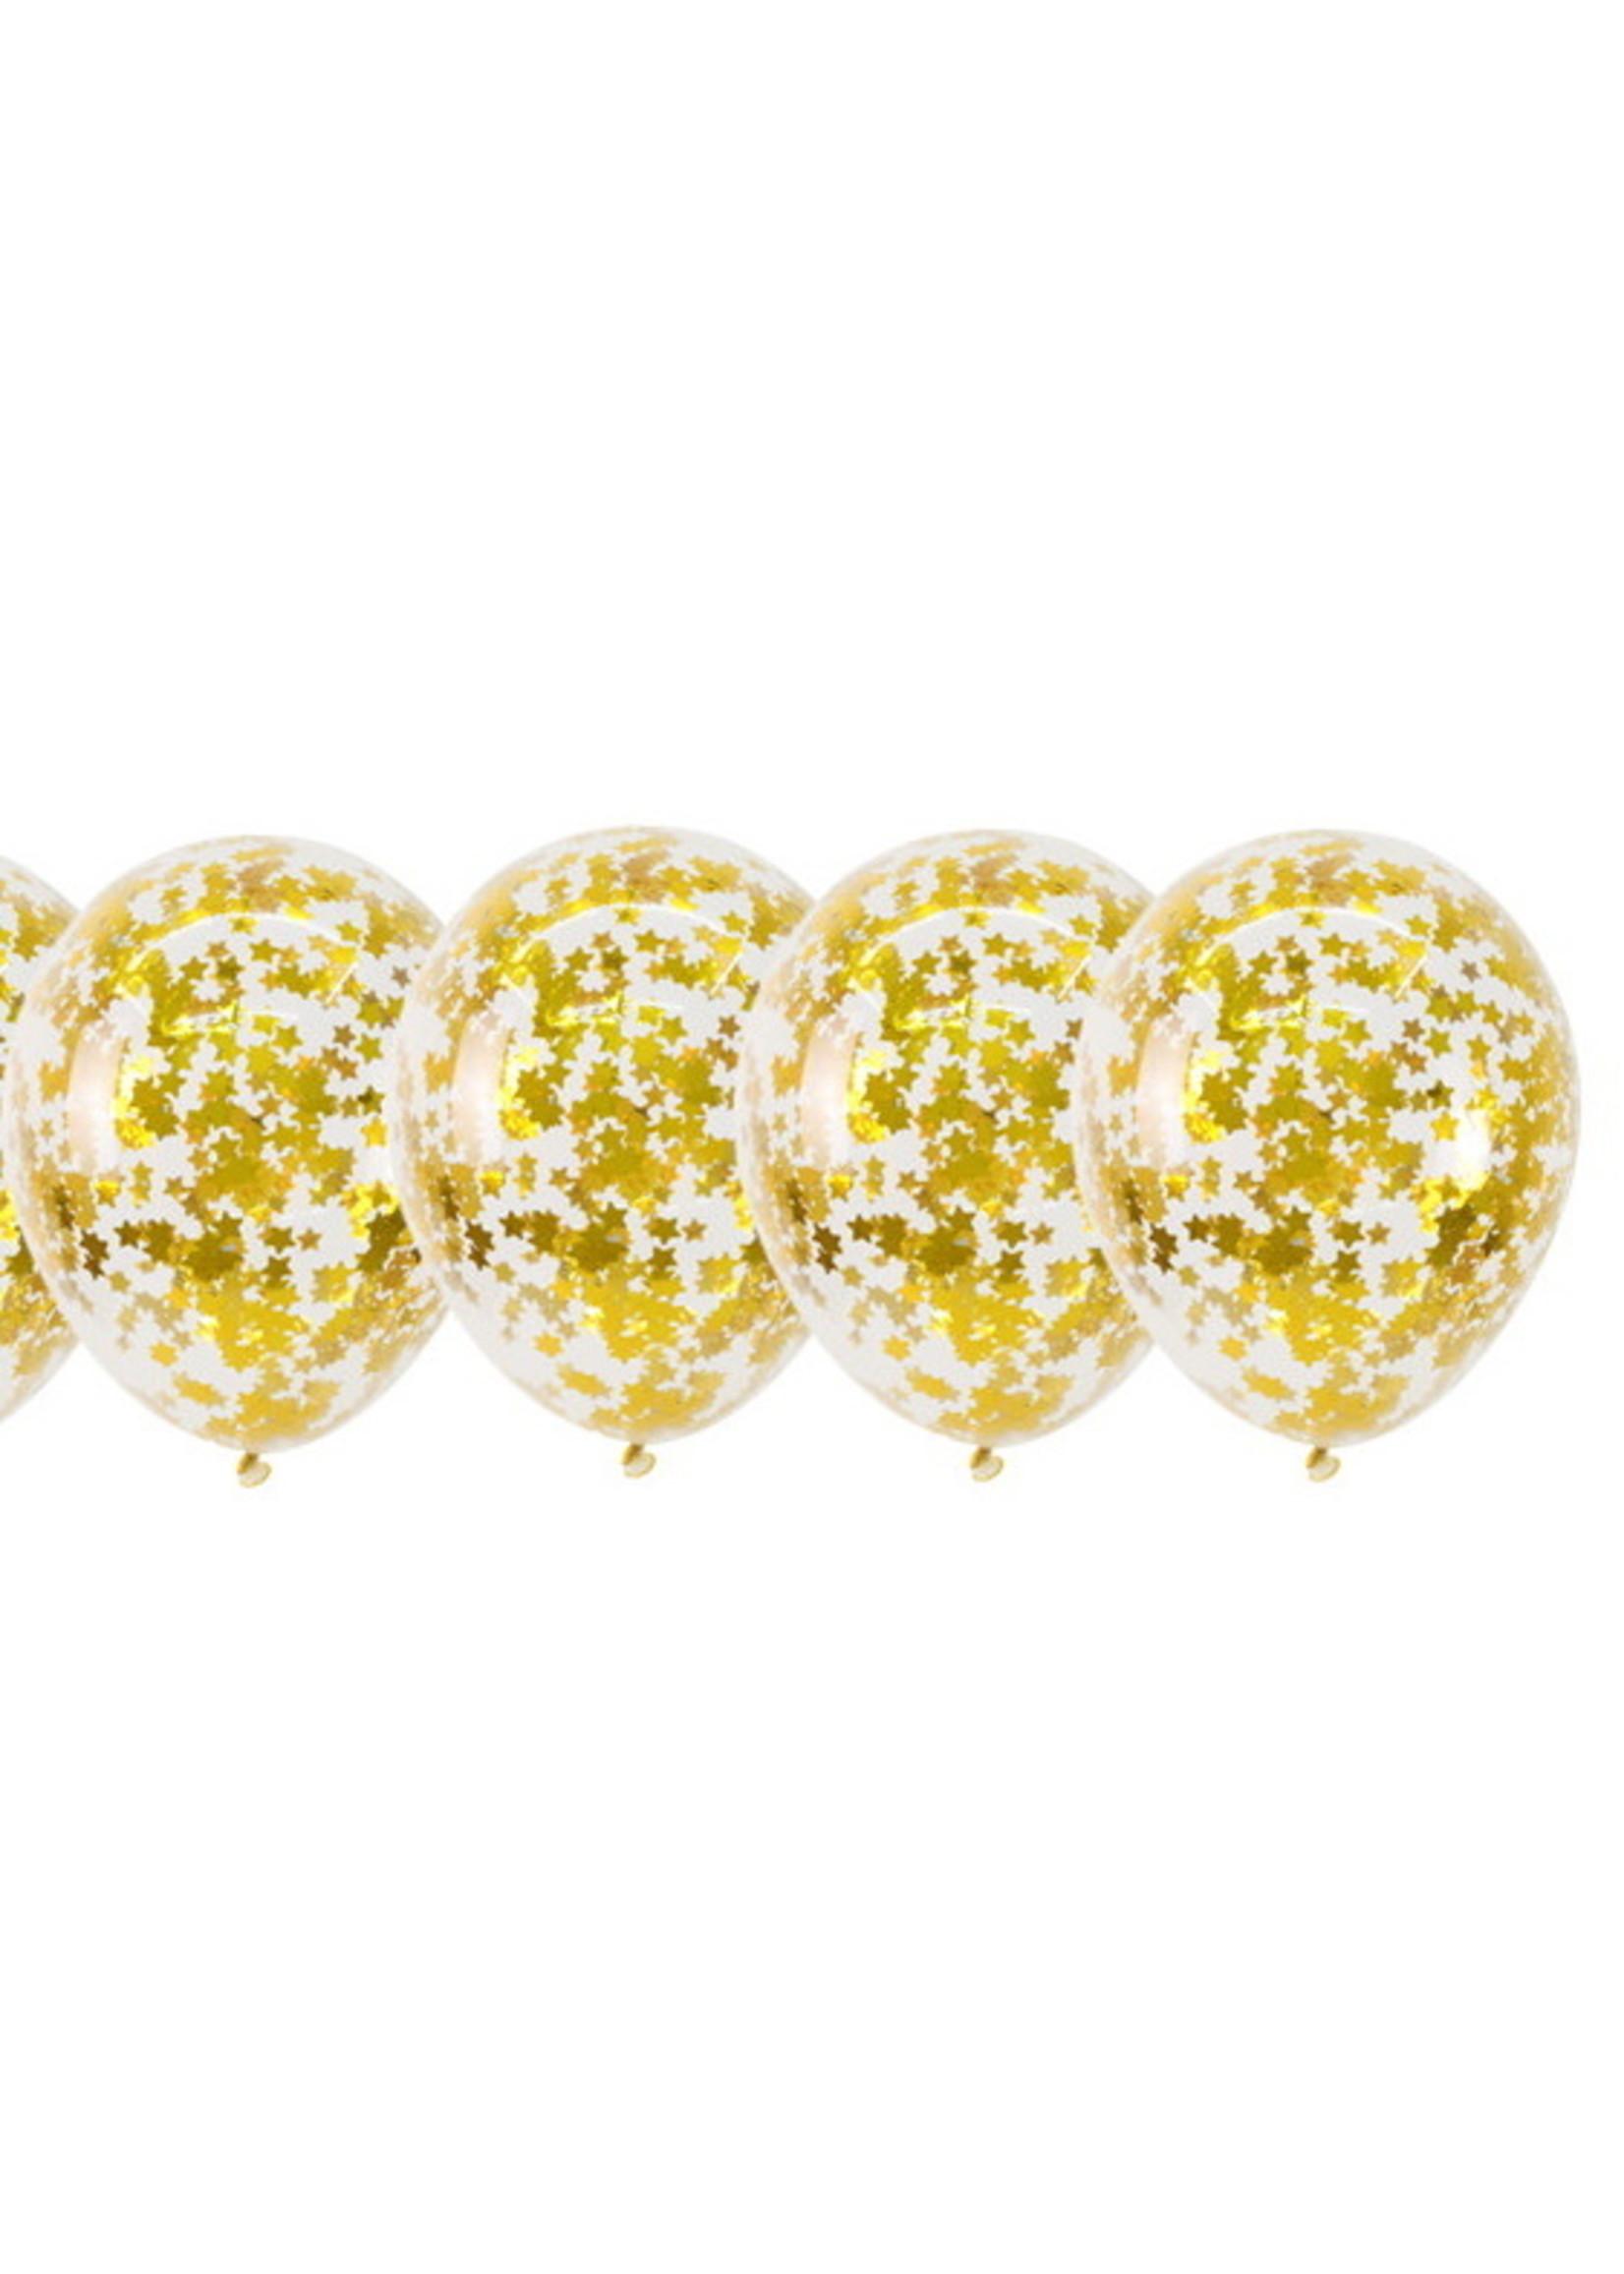 Annienas confetti ballon